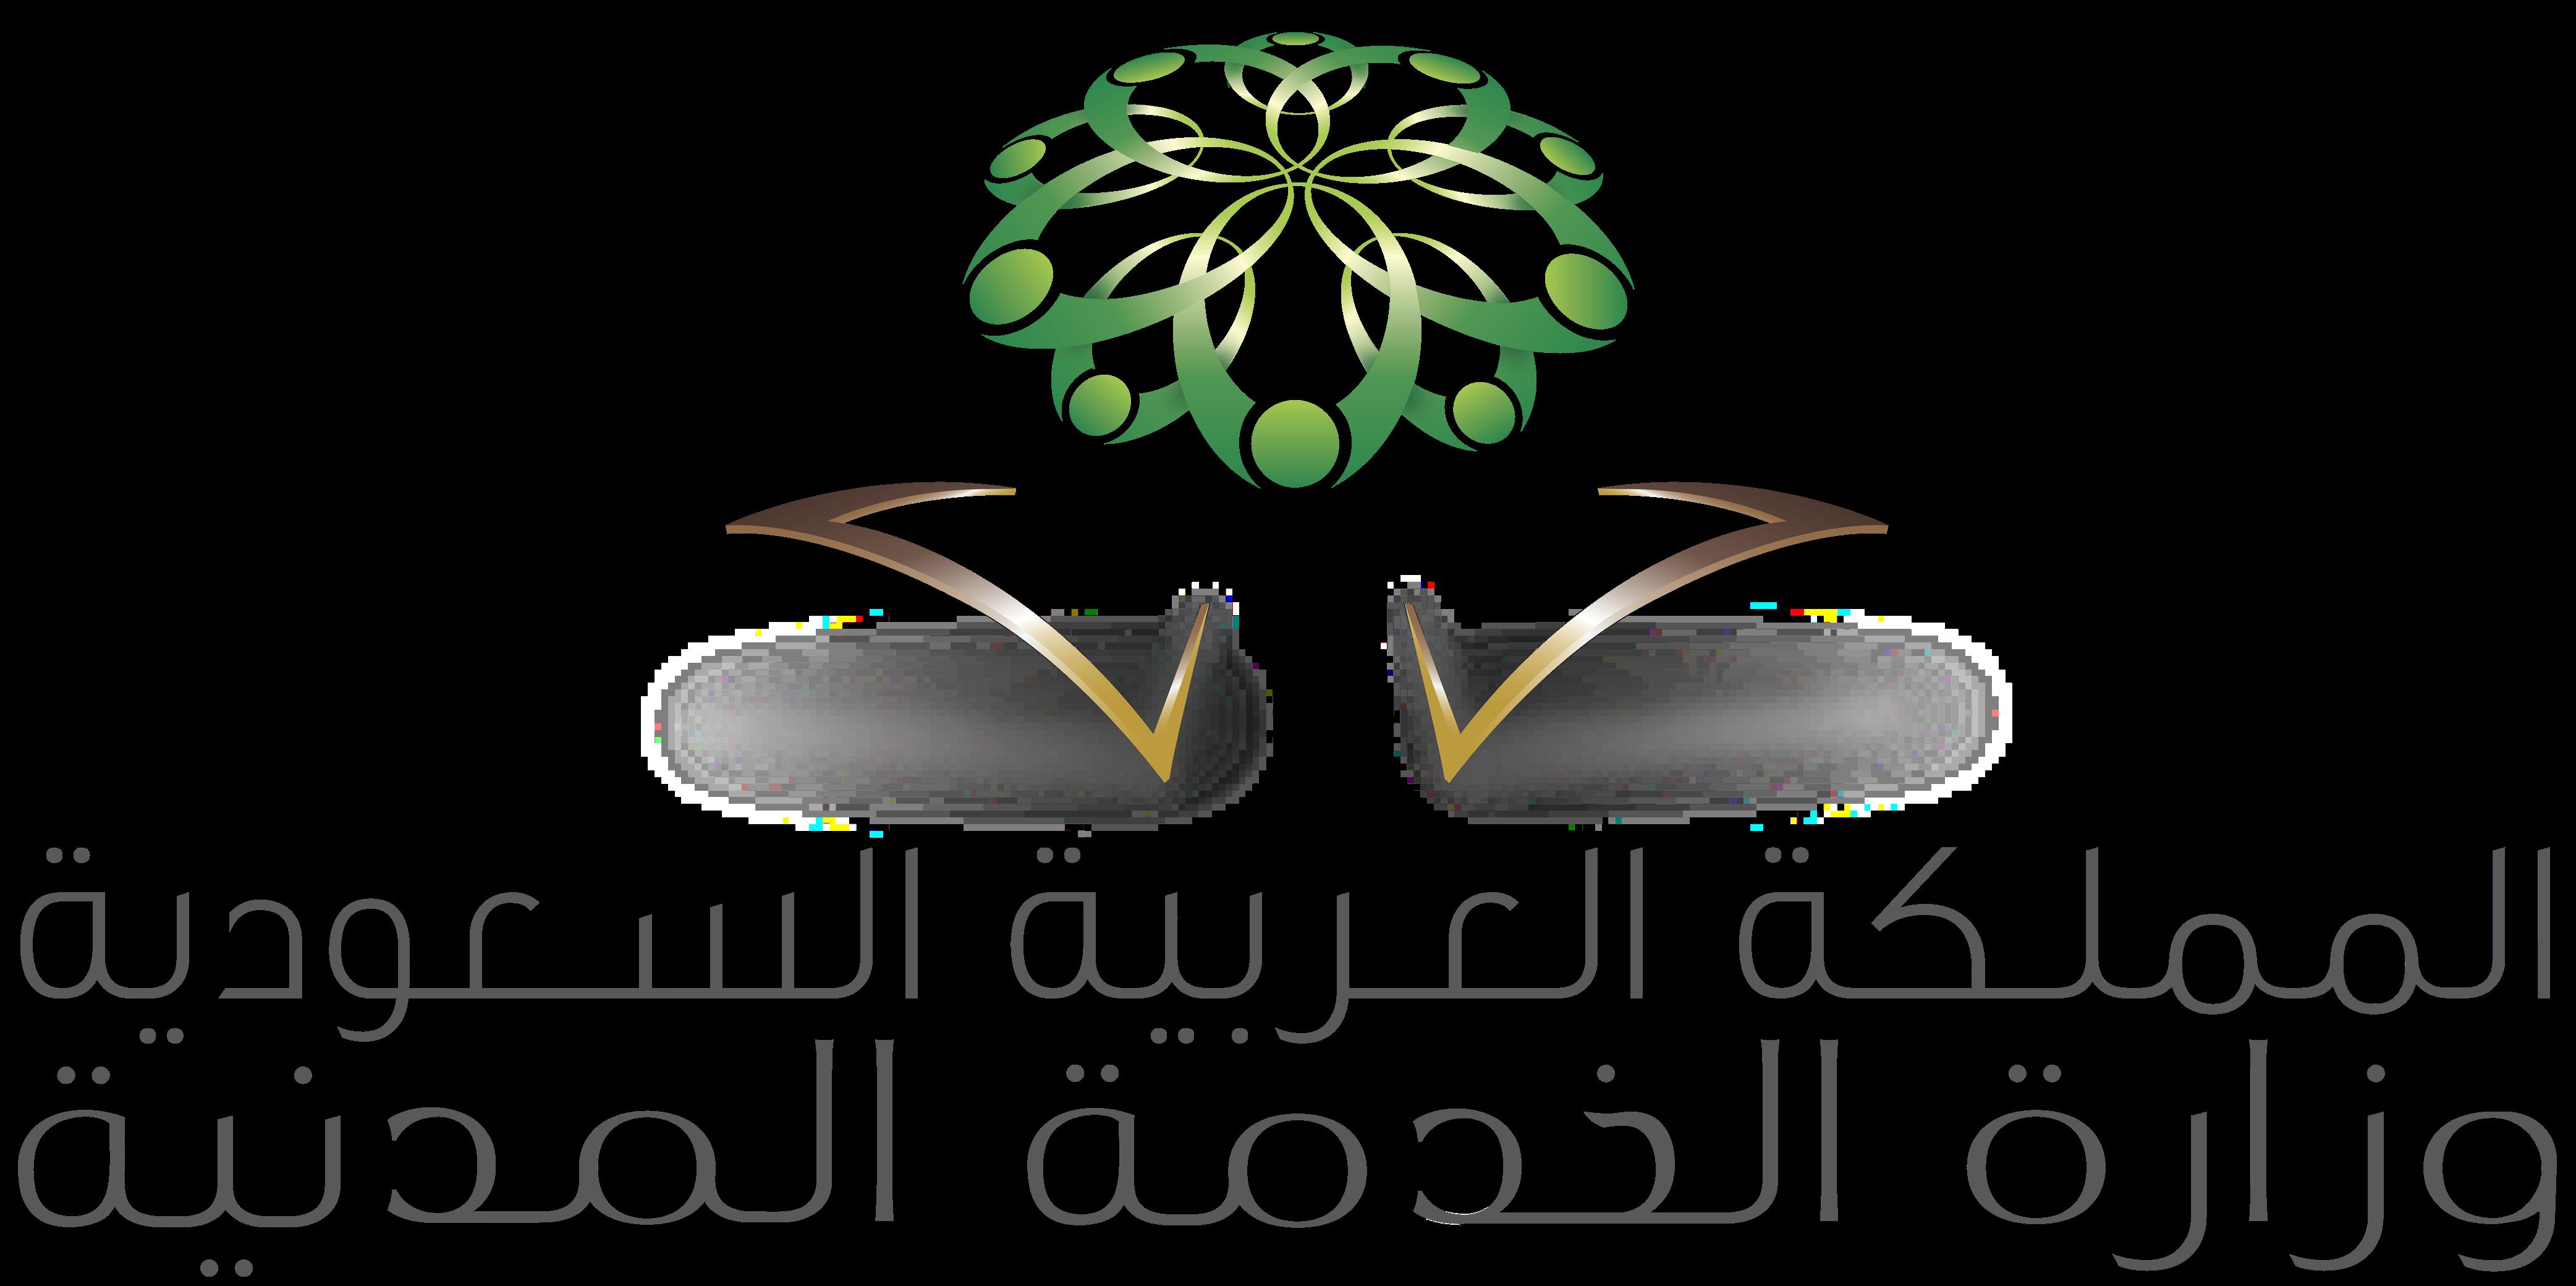 وزارة الخدمة المدنية تعتمد ساعات العمل في رمضان وموعد إجازة عيد الفطر